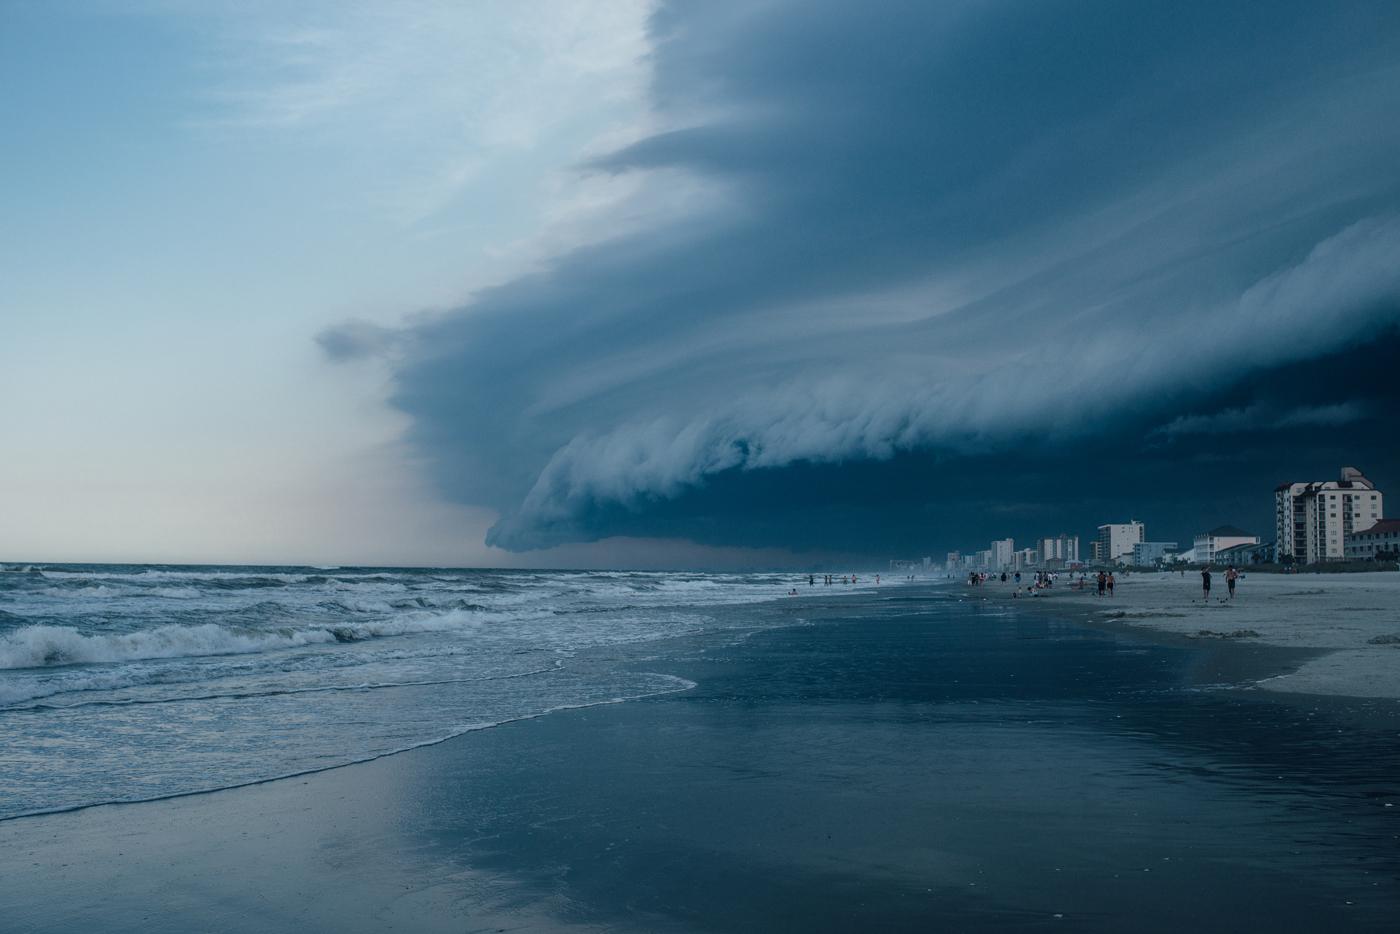 'Summer Storm' by Andrea Moffatt